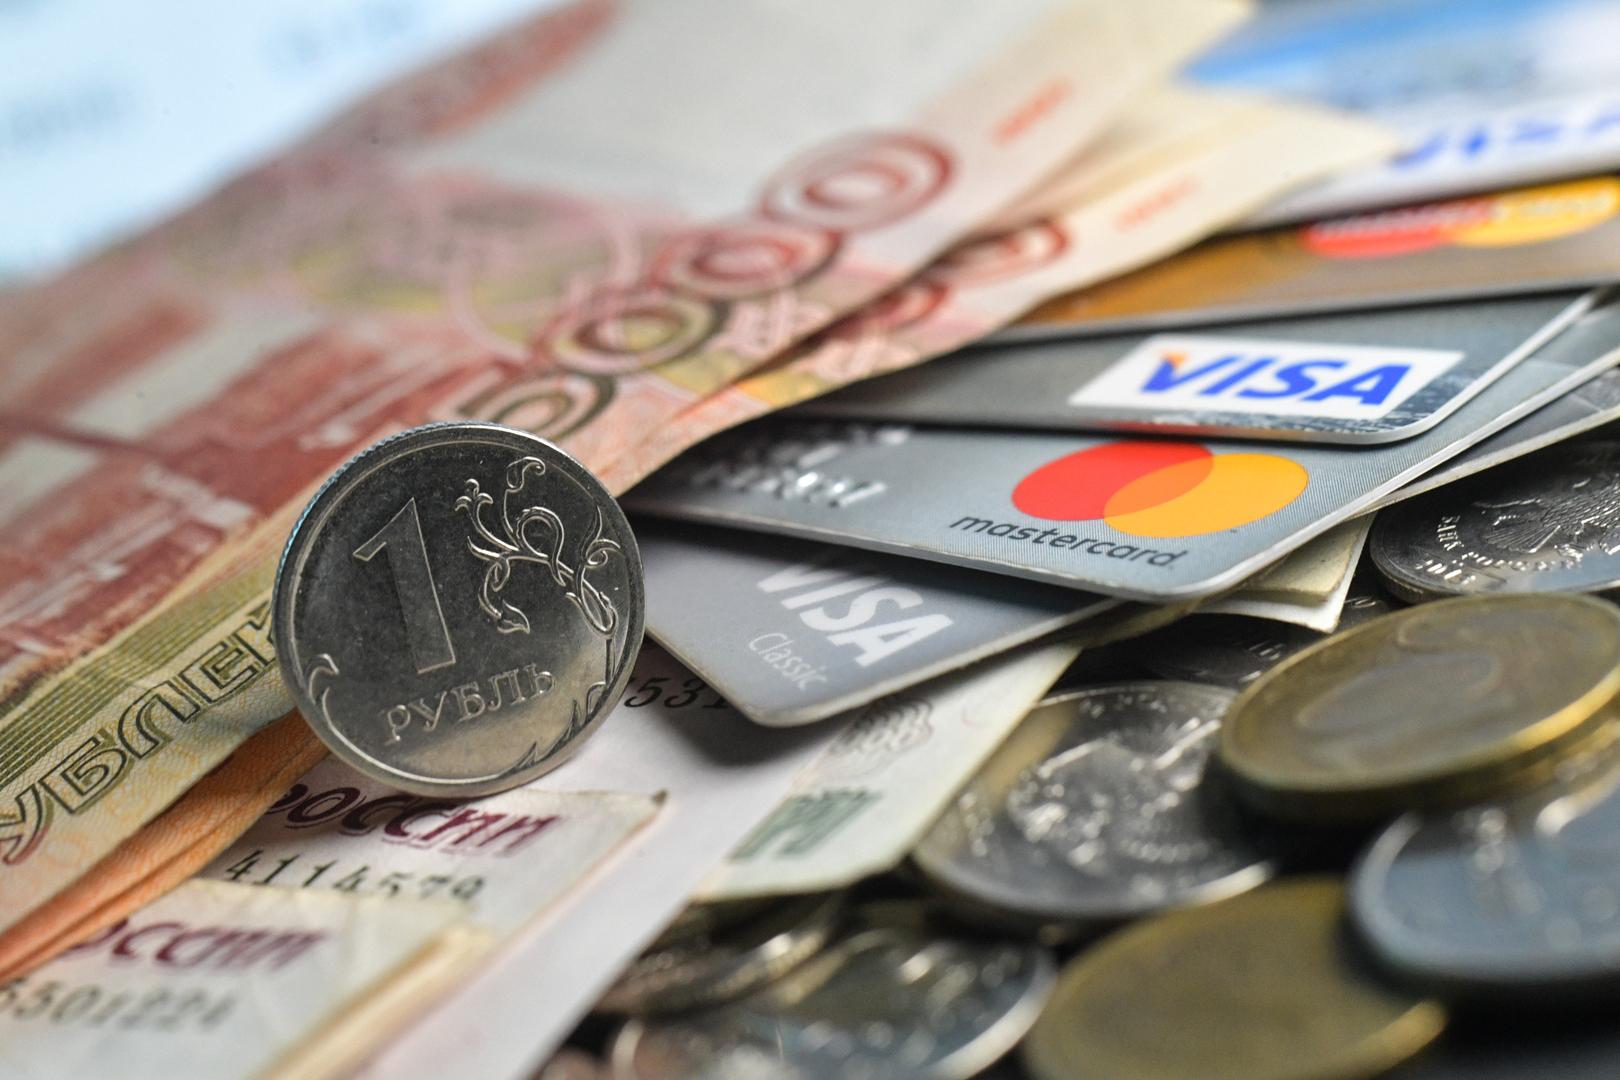 المركزي الروسي لا يستبعد خفض سعر الفائدة الرئيسي الشهر القادم